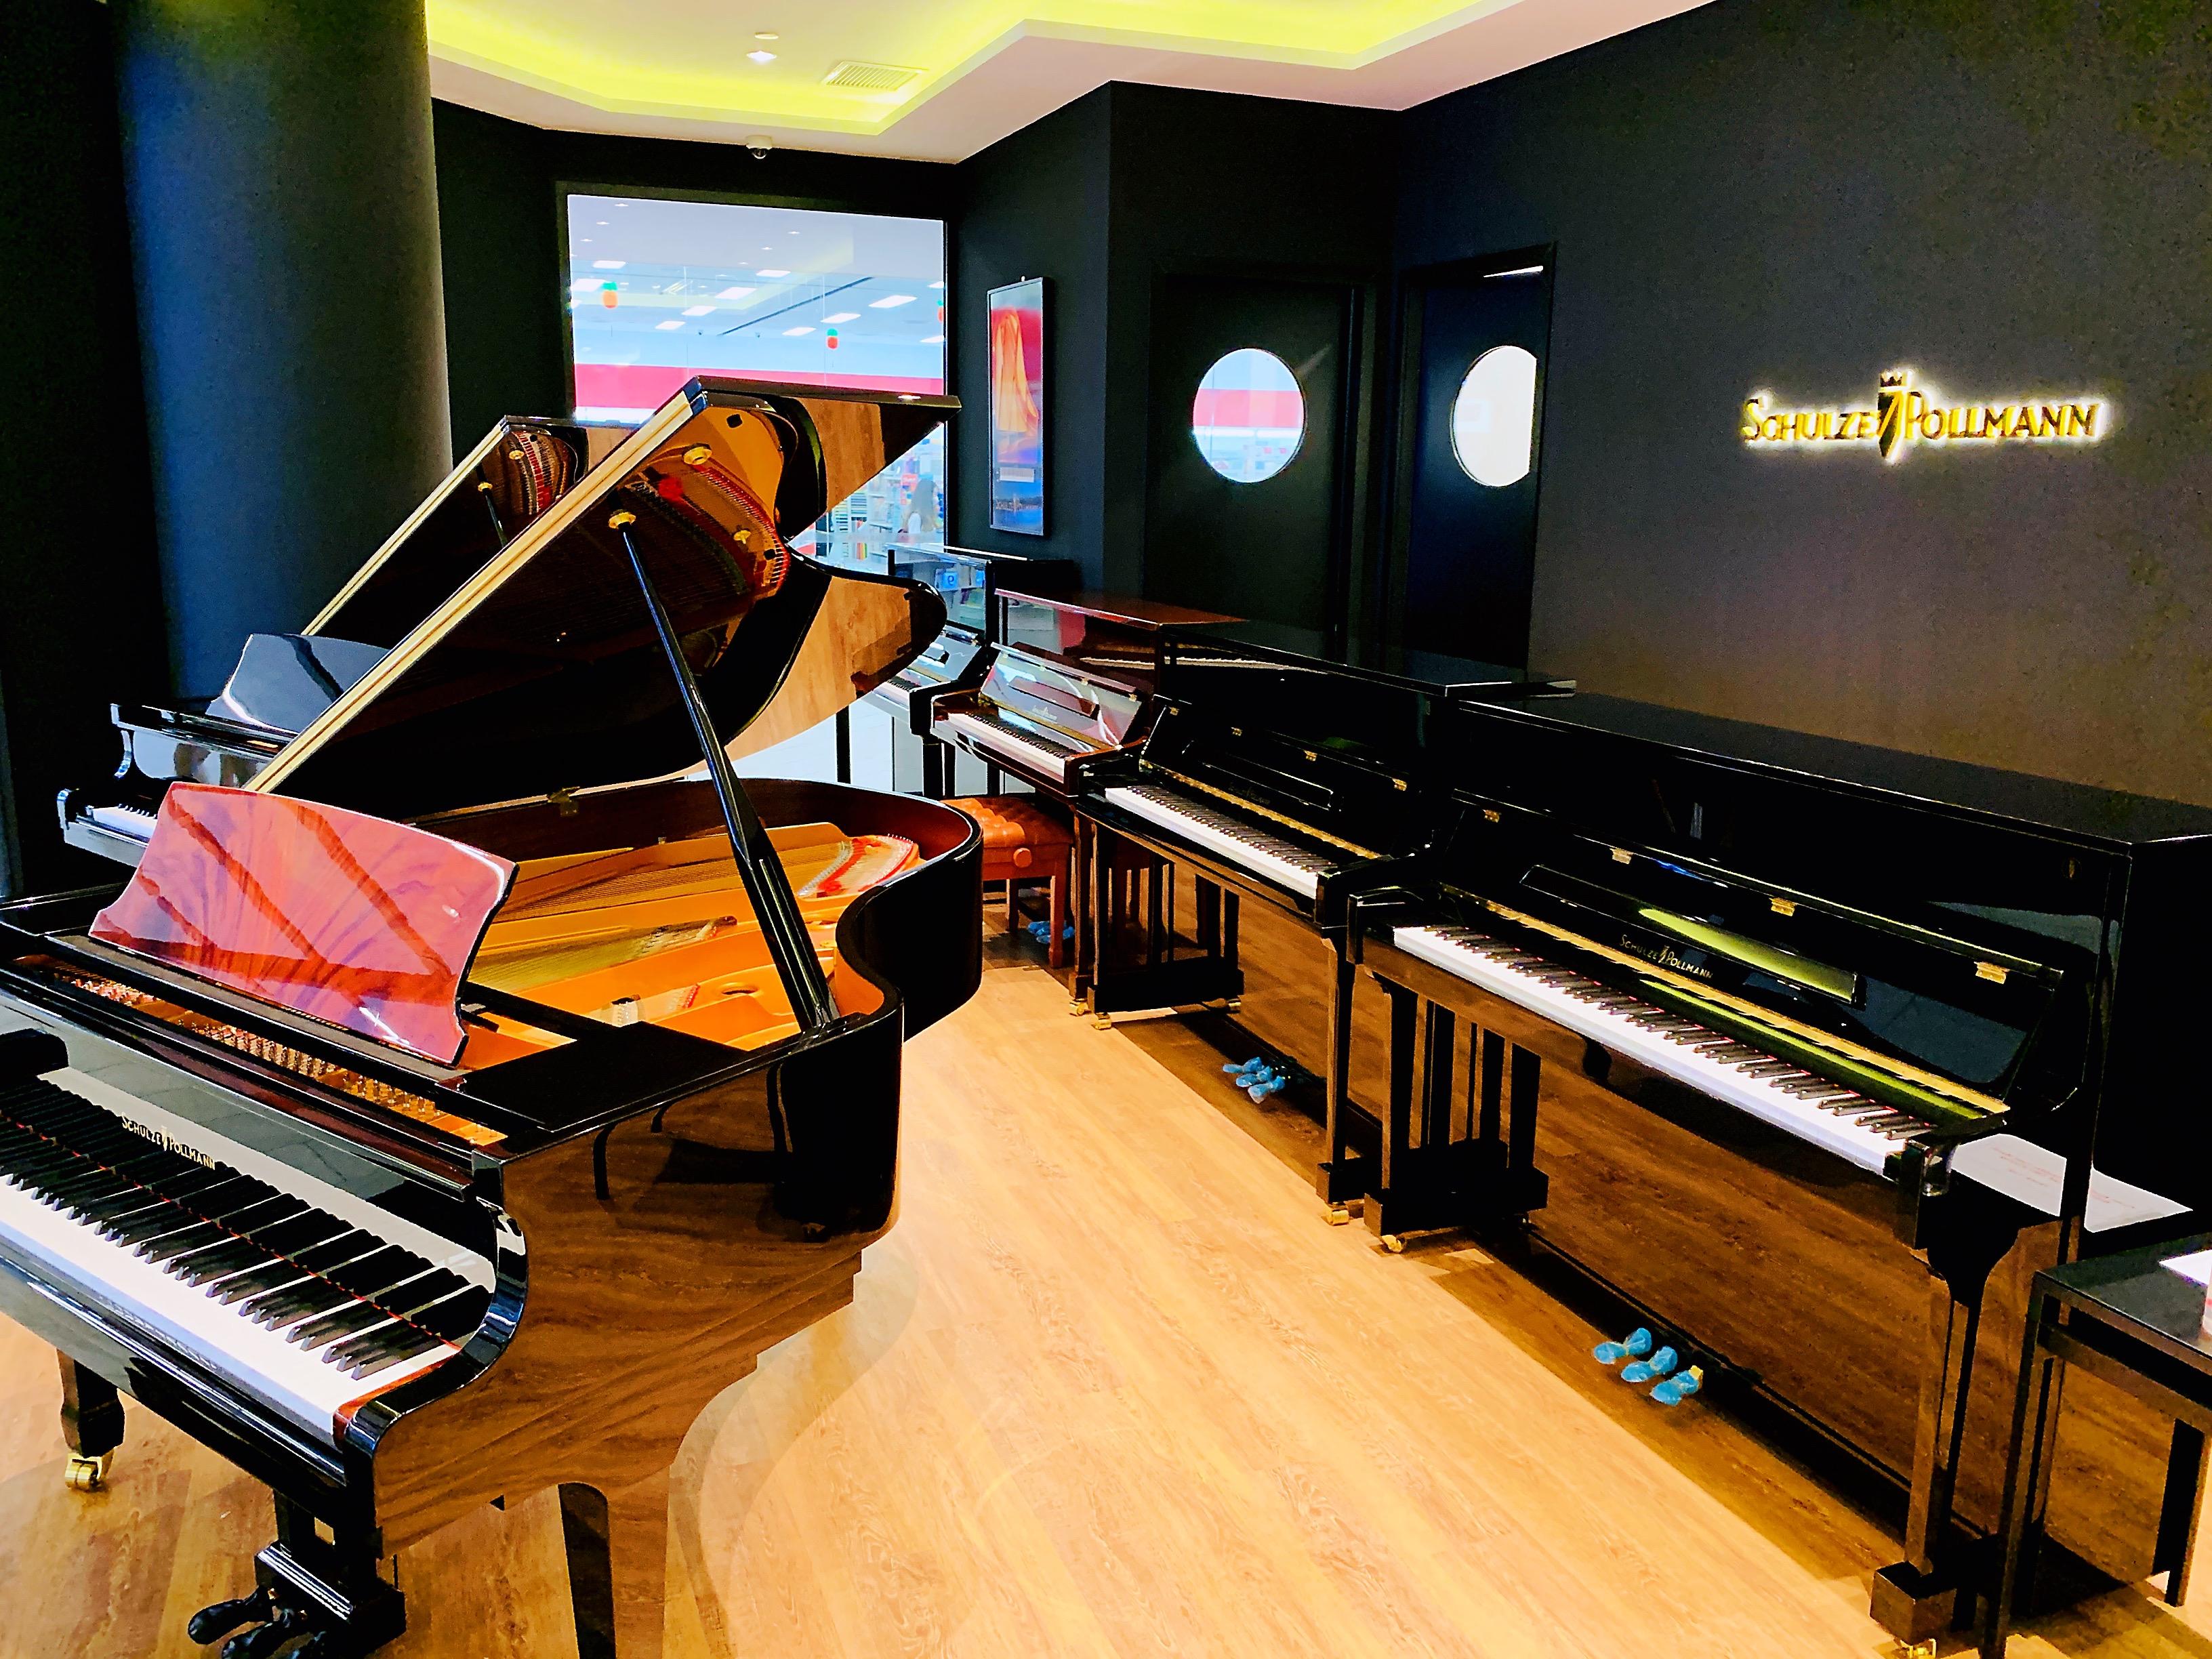 Italian Pianos: Schulze Pollmann